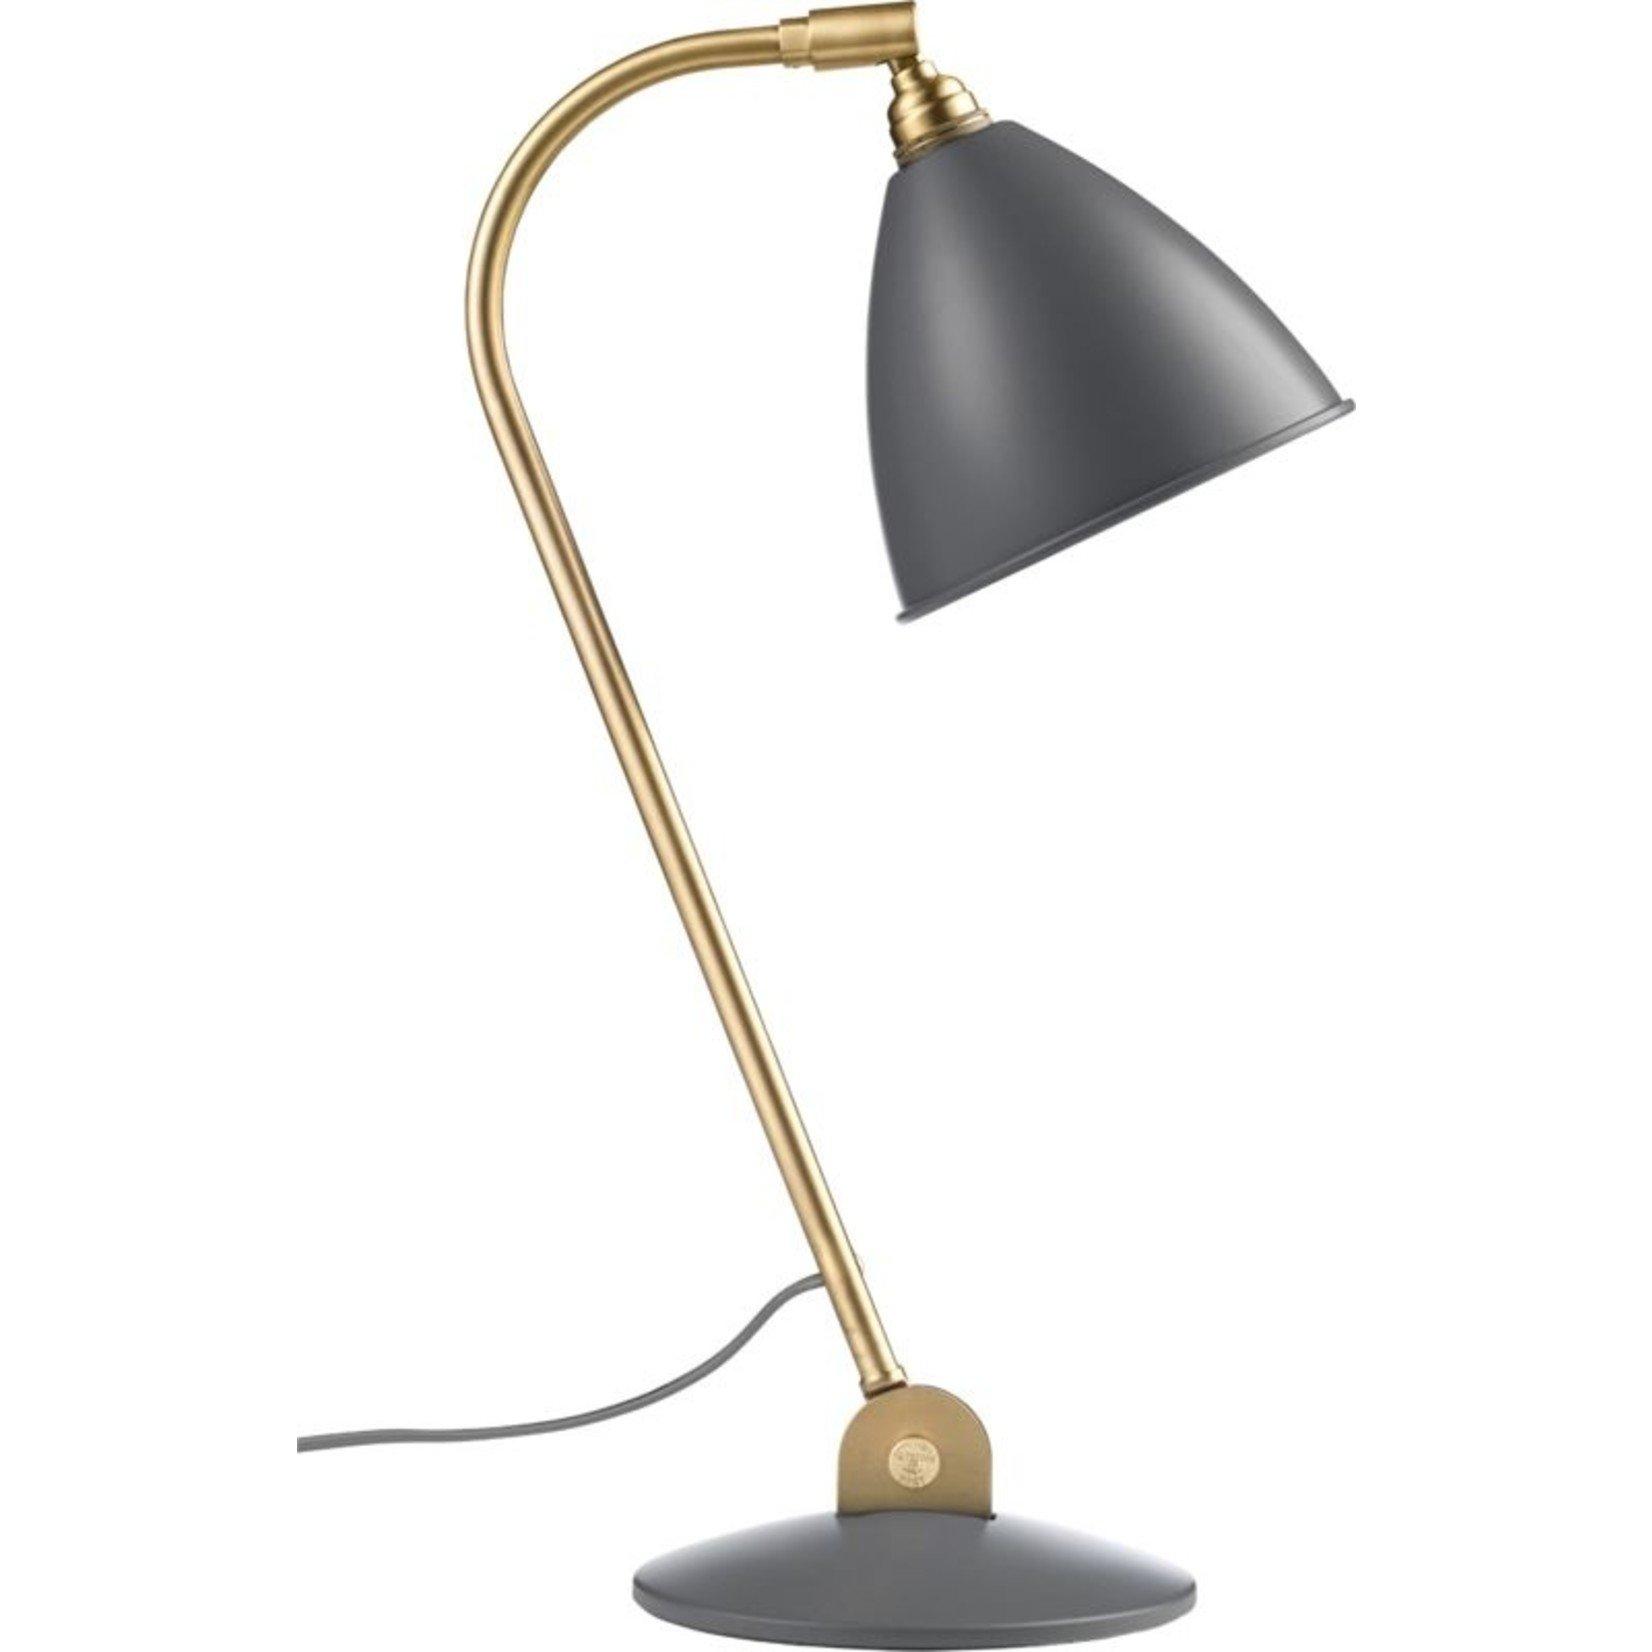 Gubi Lampe de table BL2 - Ø16   Base en laiton et abat-jour gris semi-mat